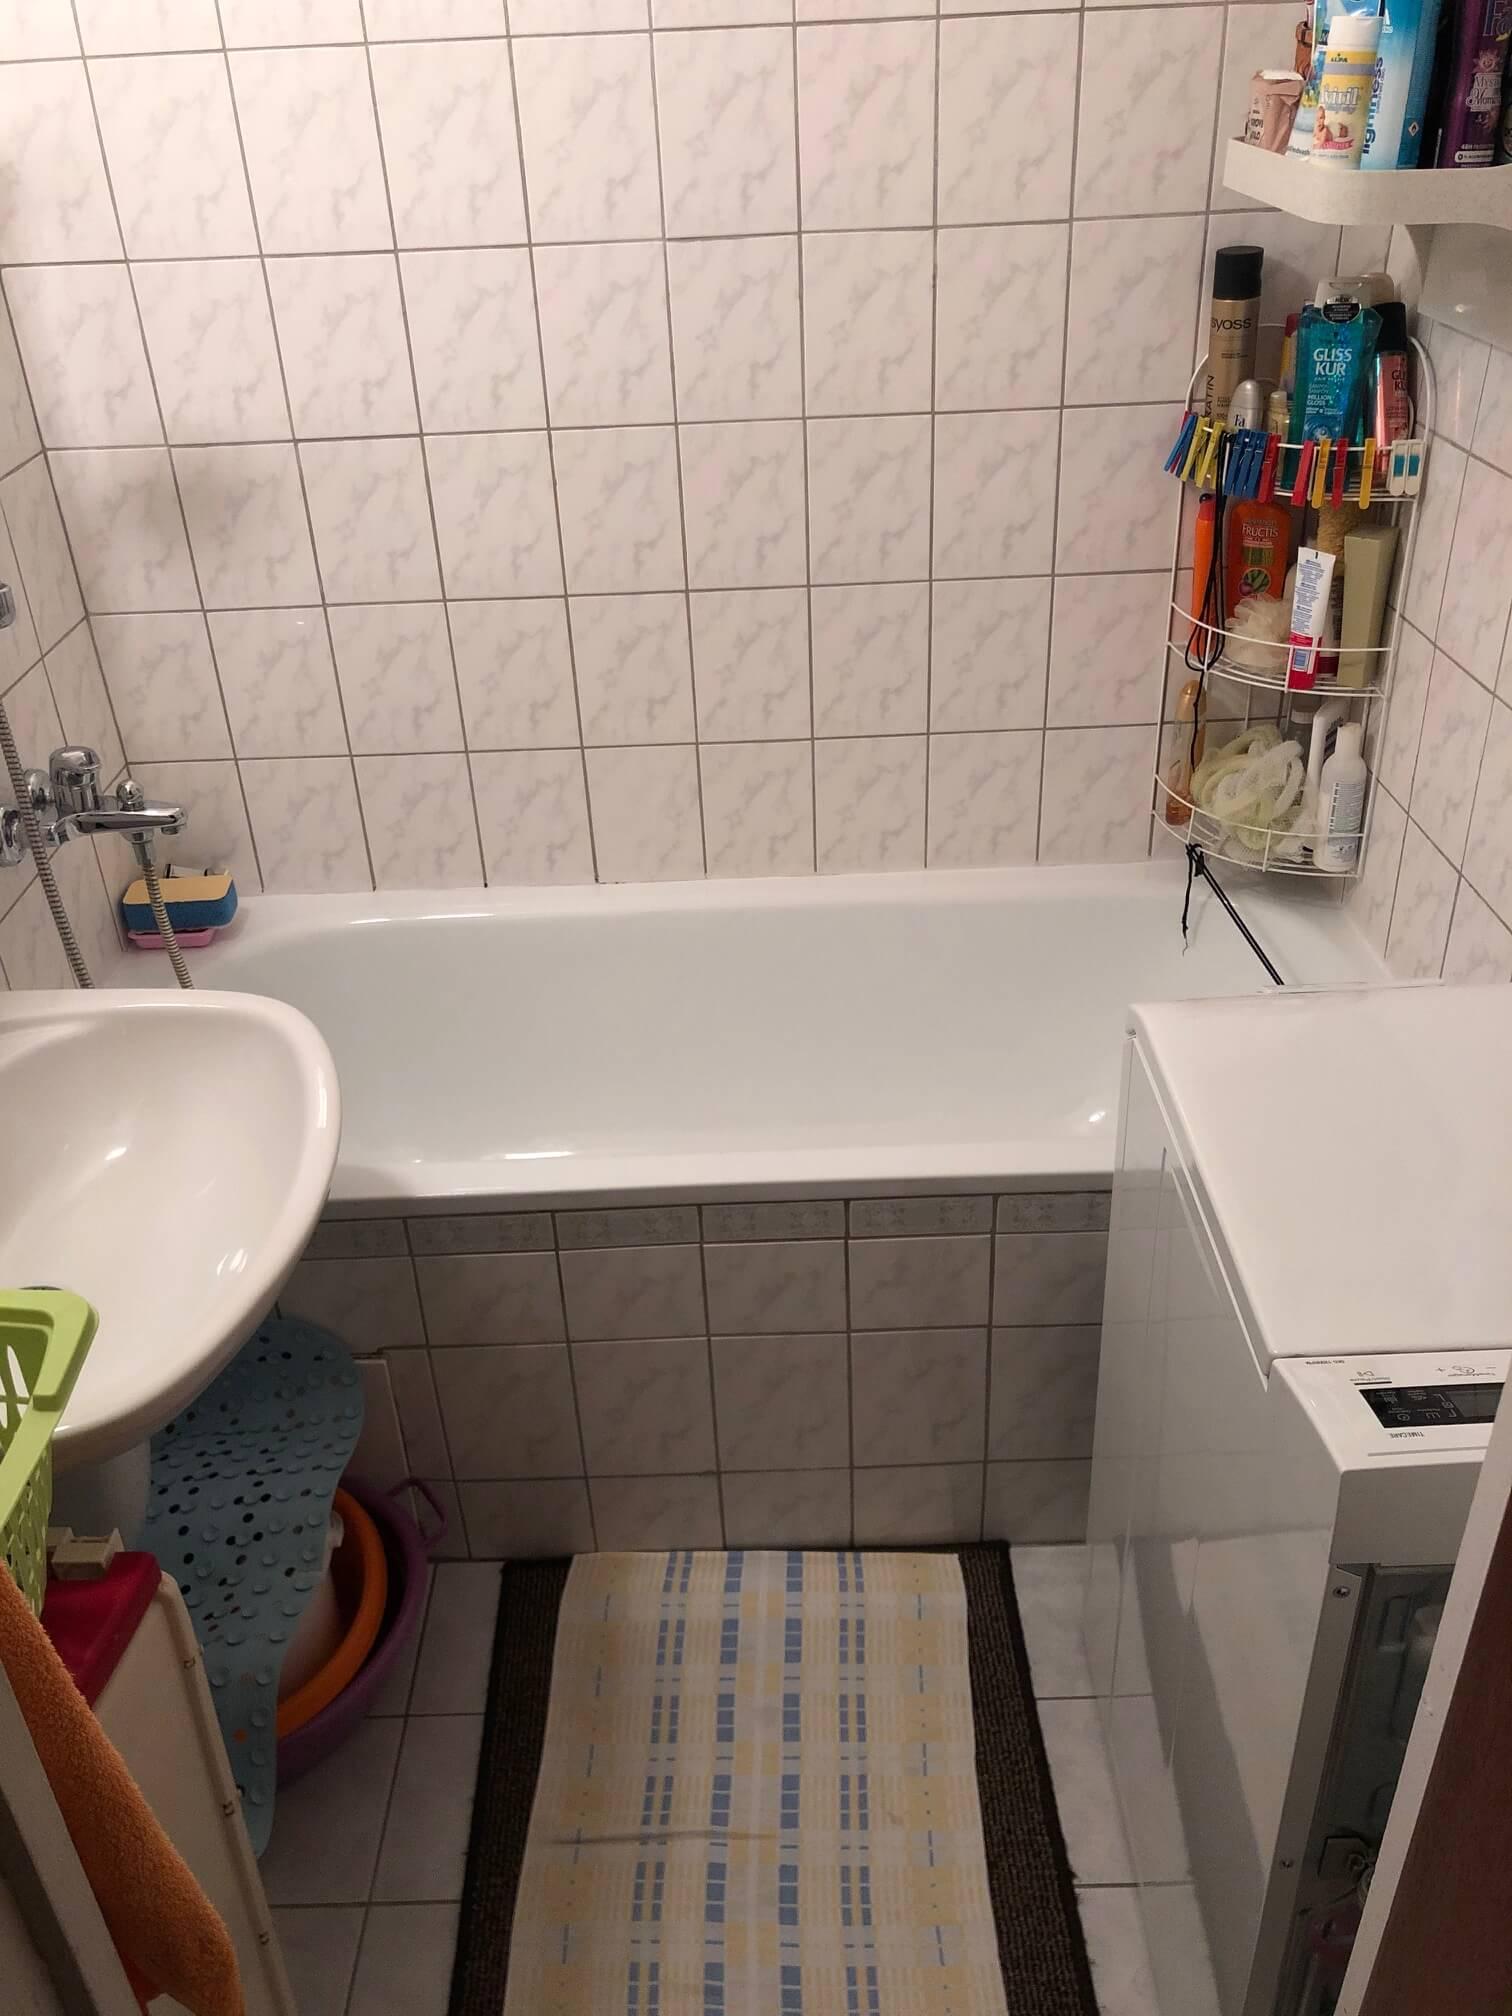 Predaný: 1 izbový byt, Ipeľská, Bratislava, 38m2, nízke náklady, parkovanie, vynikajúca občianska vybavenosť-18